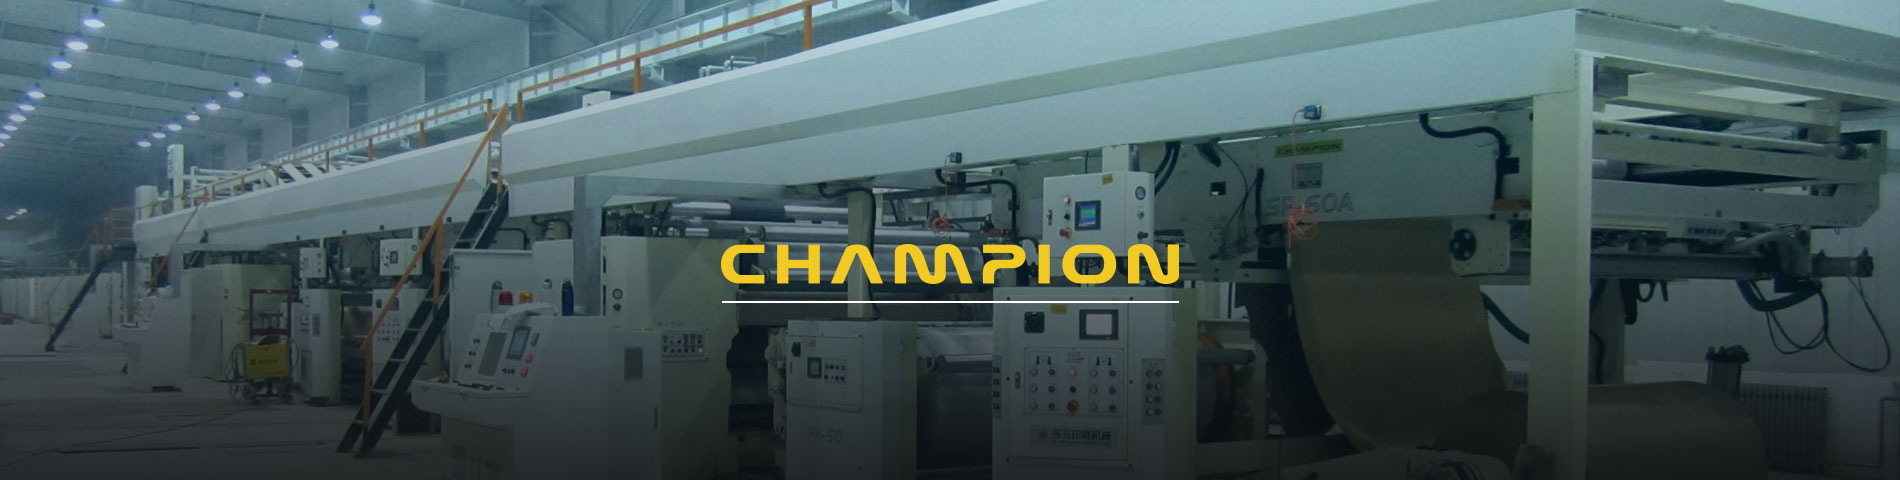 Champion tôn       là một  nhà sản xuất thiết bị các      tông sóng chuyên nghiệp